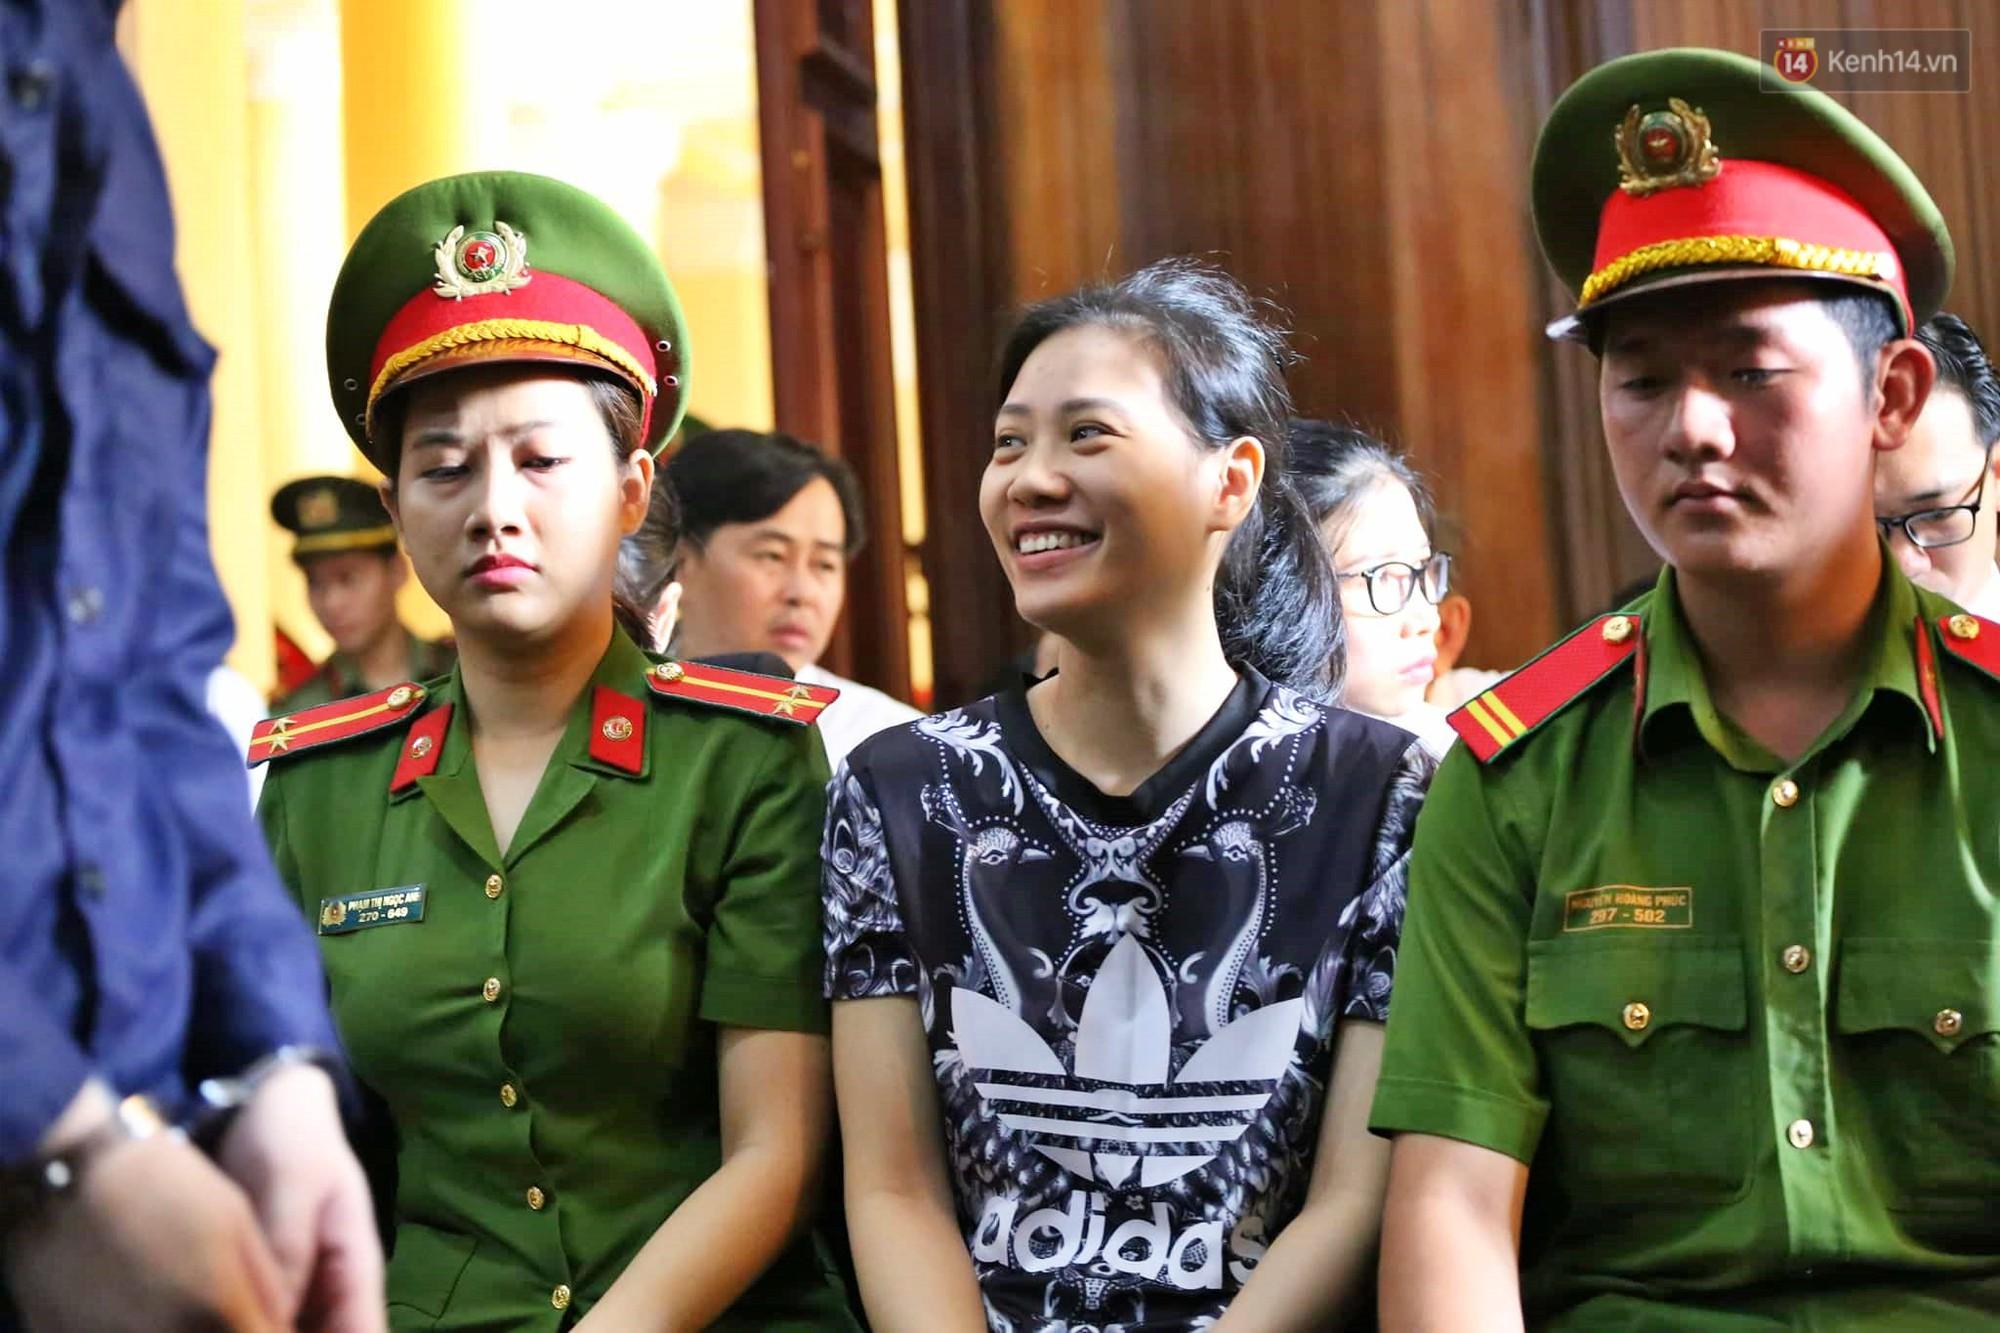 Ông trùm Văn Kính Dương vẫn cười dù bị đề nghị tử hình, hotgirl Ngọc Miu bật khóc khi VKS đưa mức án 20 năm tù - Ảnh 8.